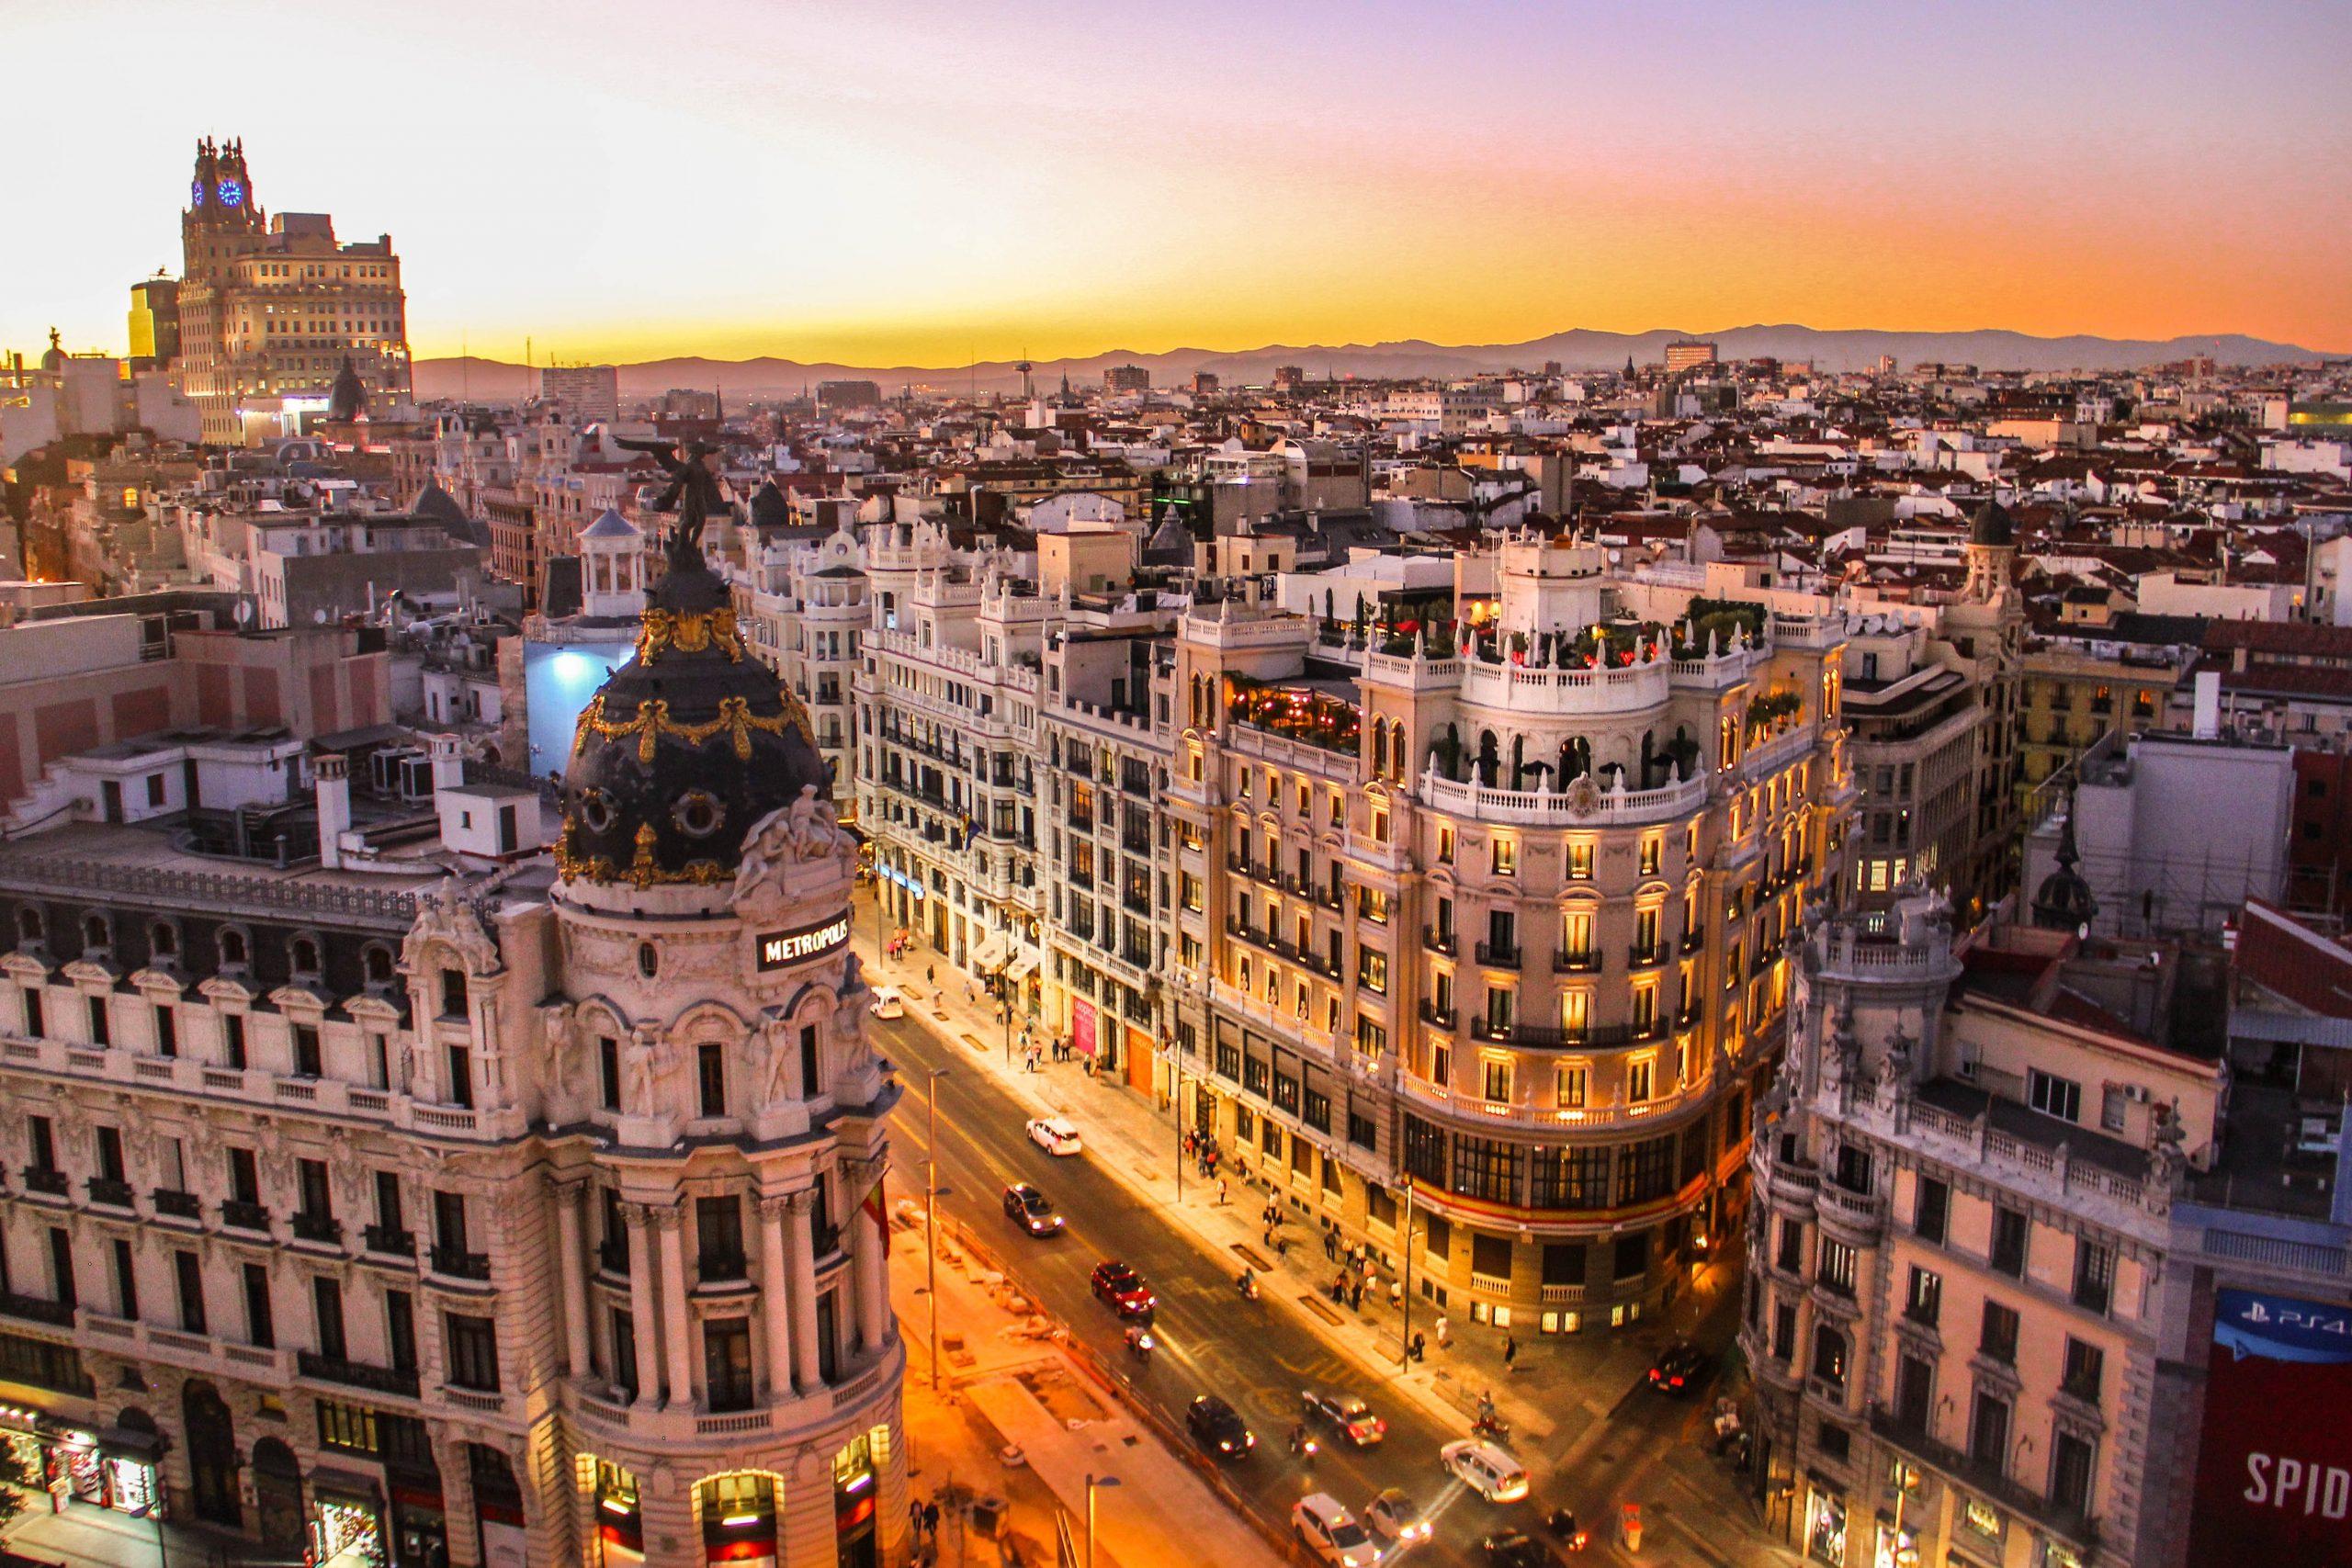 Madryt hotele Hiszpania rezerwacje